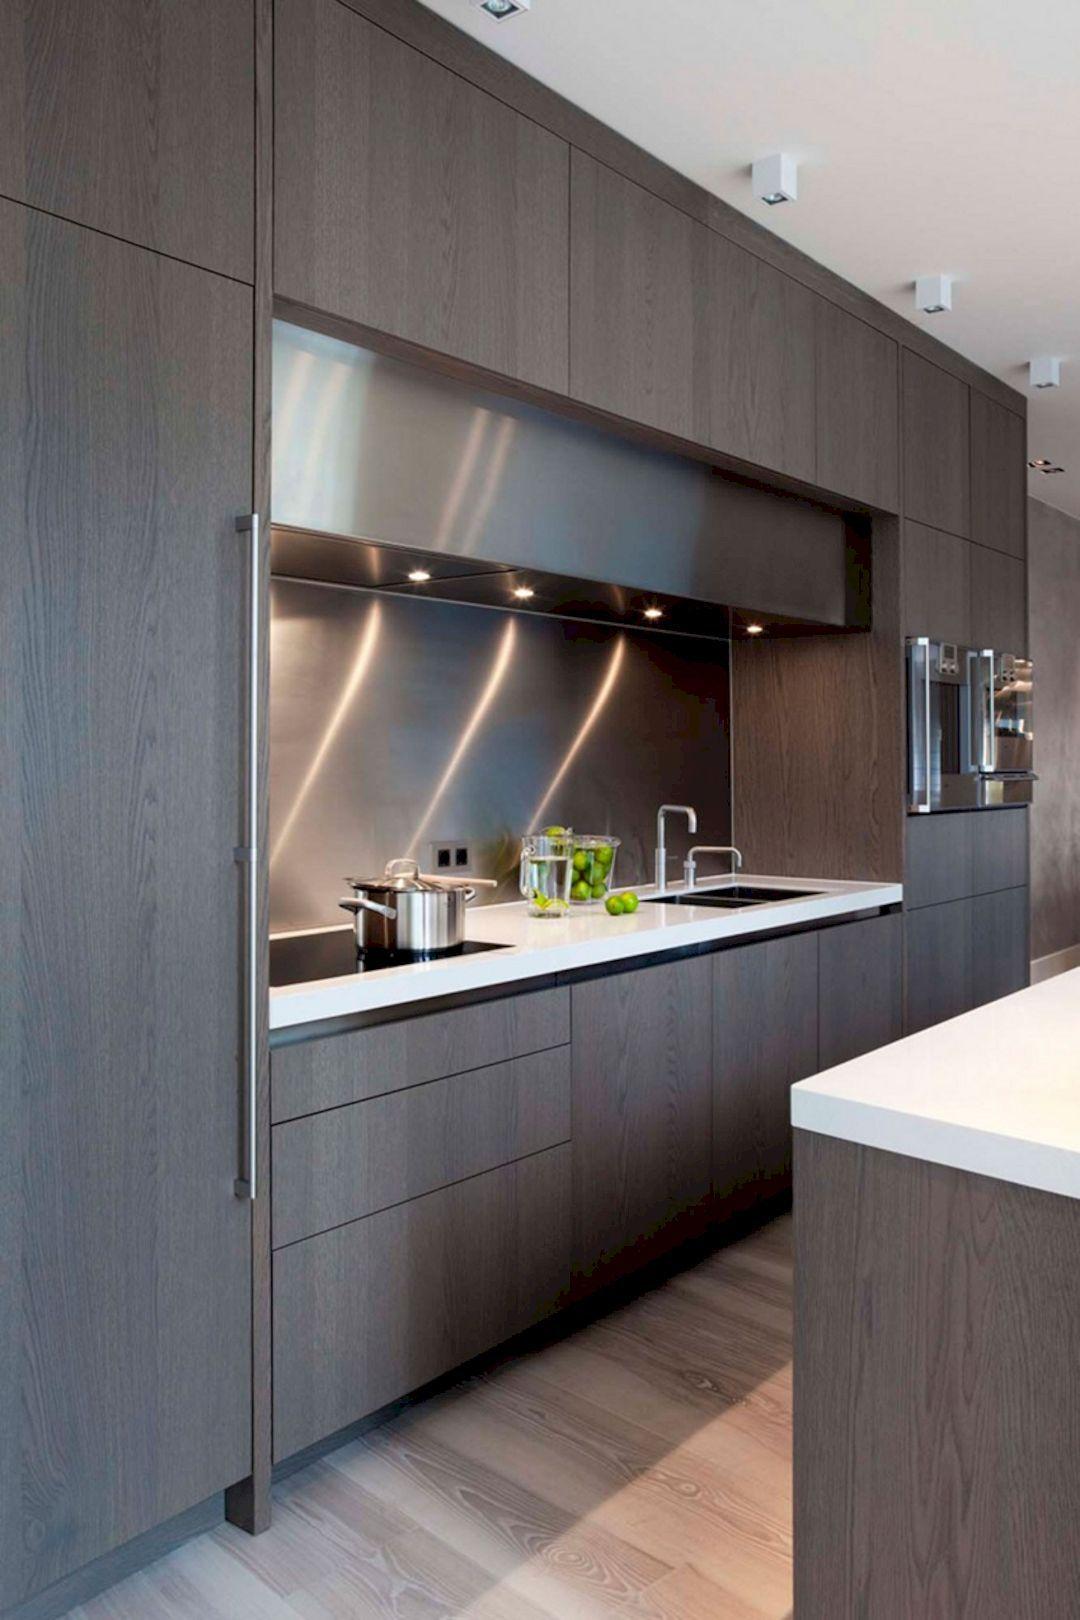 The Kitchen A Fresh Restaurant With Modern Interior Design For High End Eating Modern Kitchen Cabinet Design Contemporary Kitchen Design Modern Kitchen